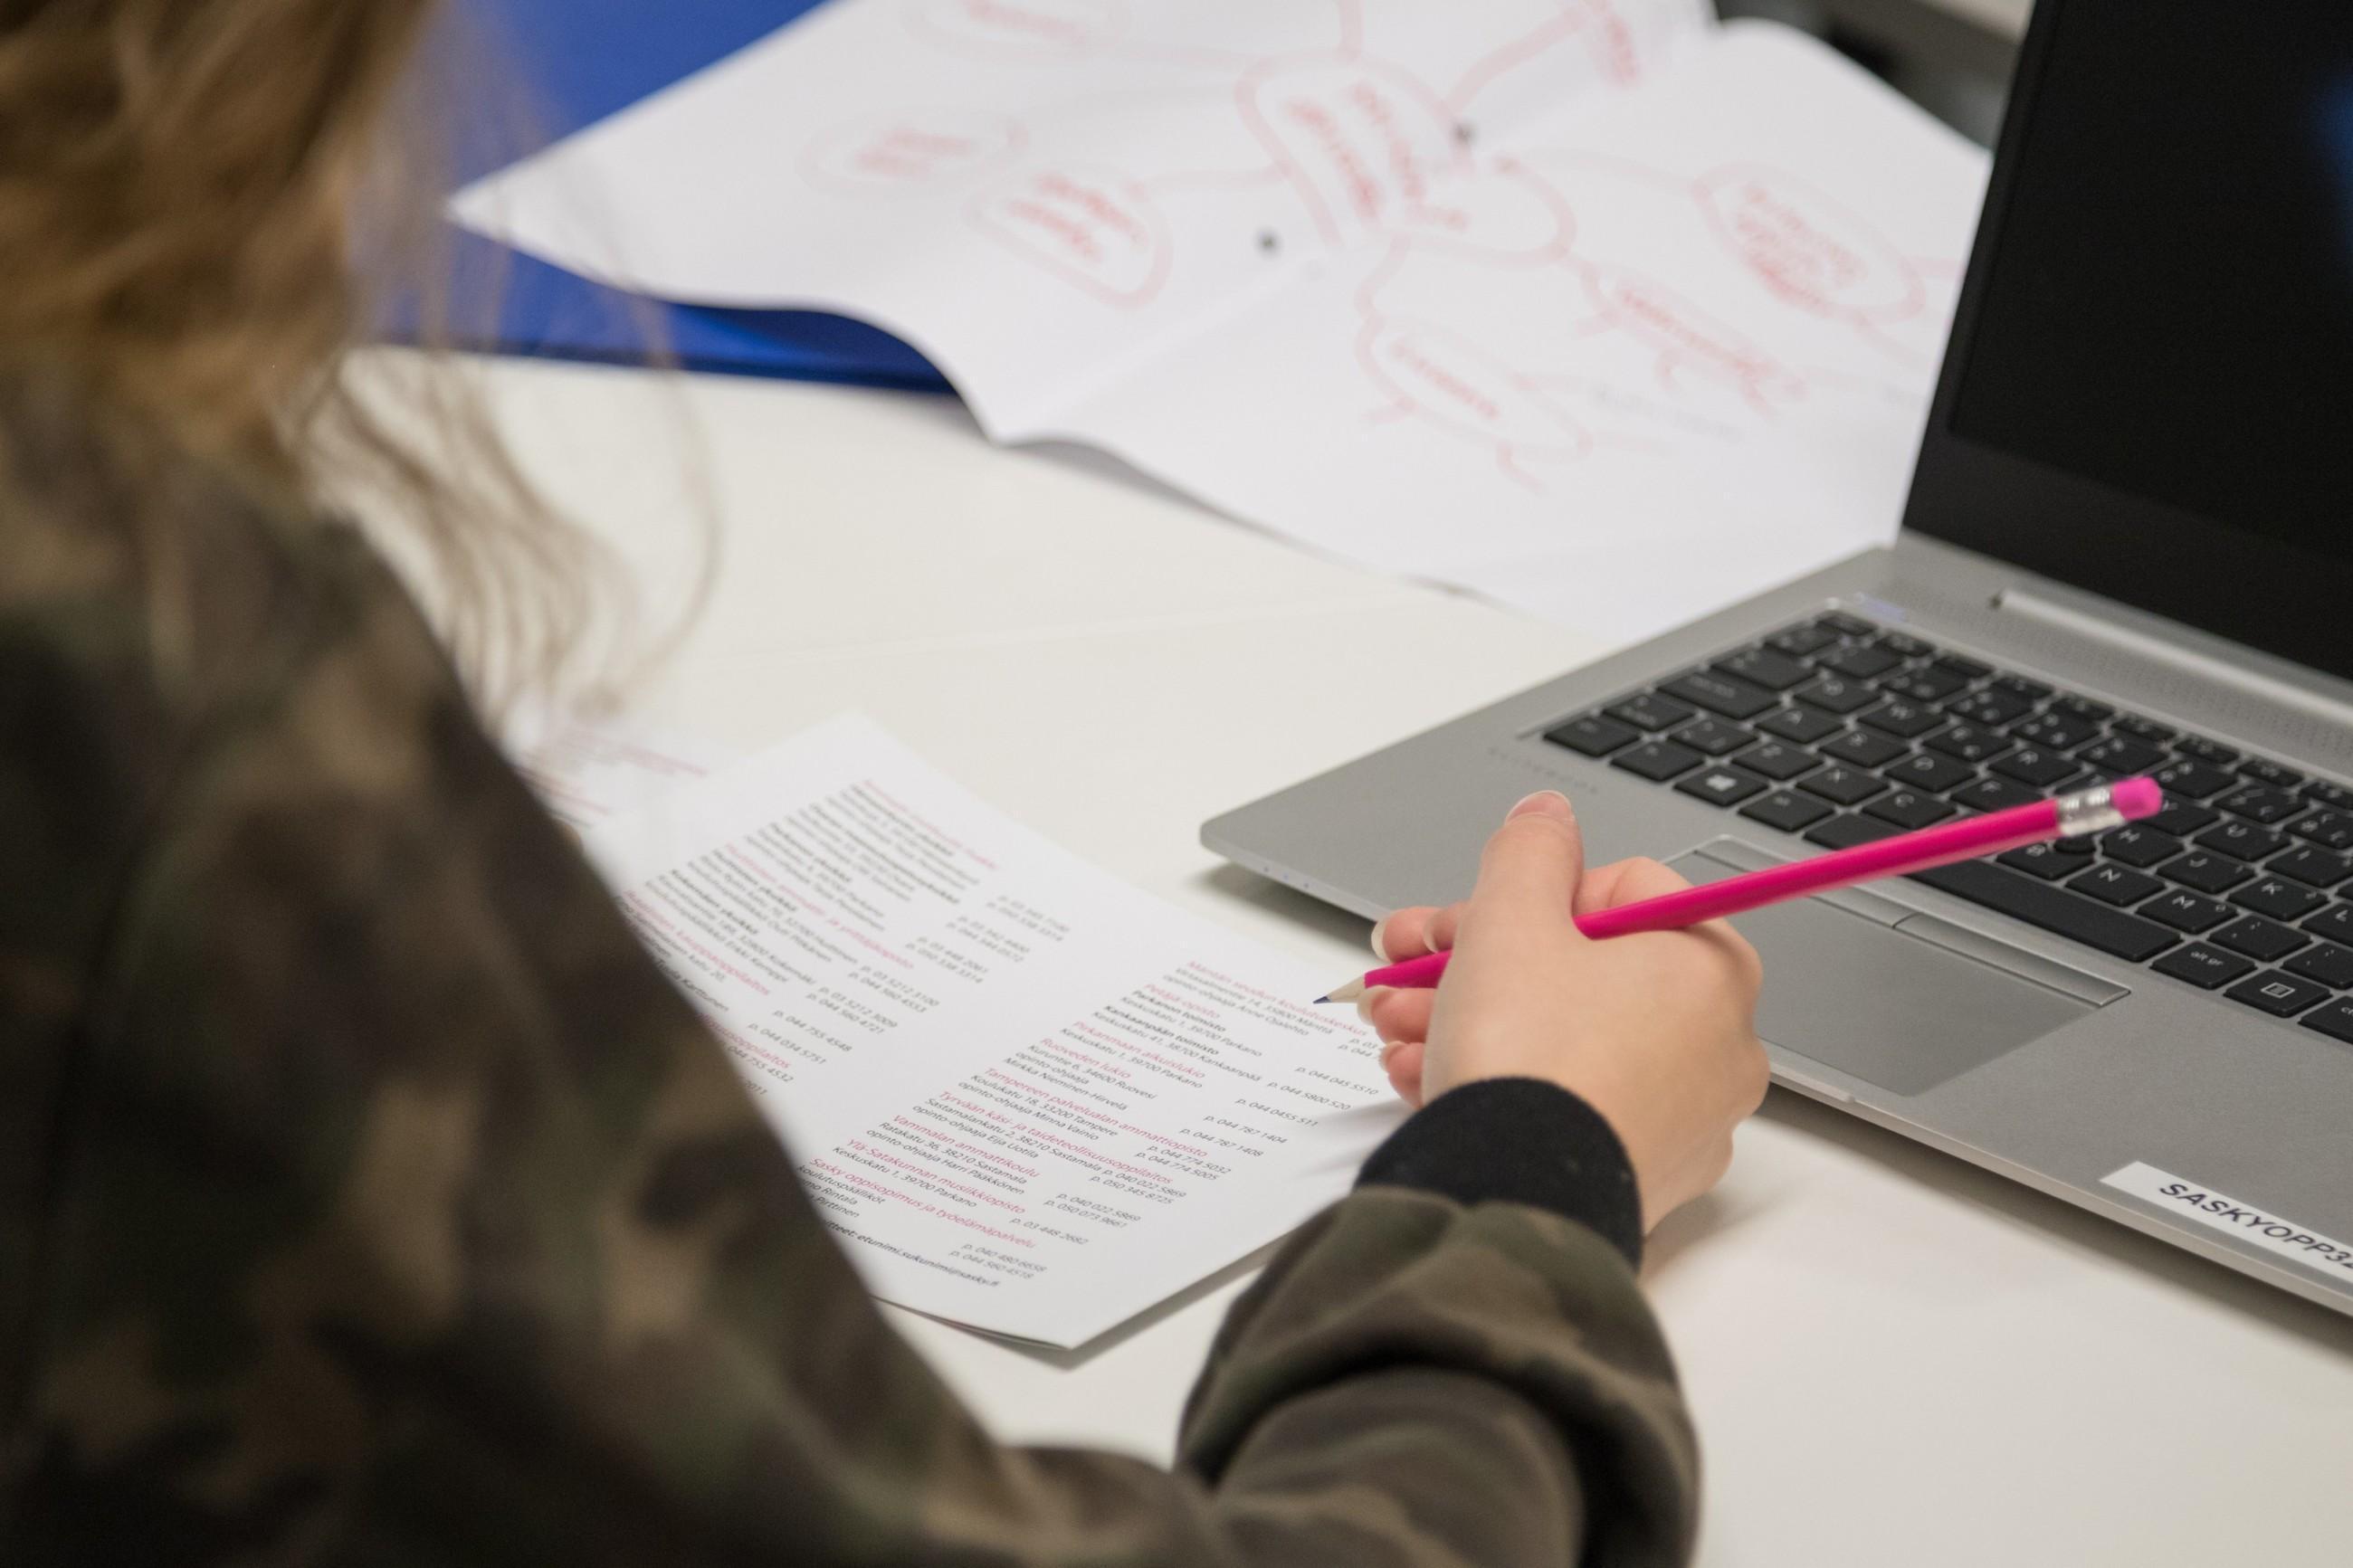 Pöydällä tietokone ja kirjoitusvälineitä.